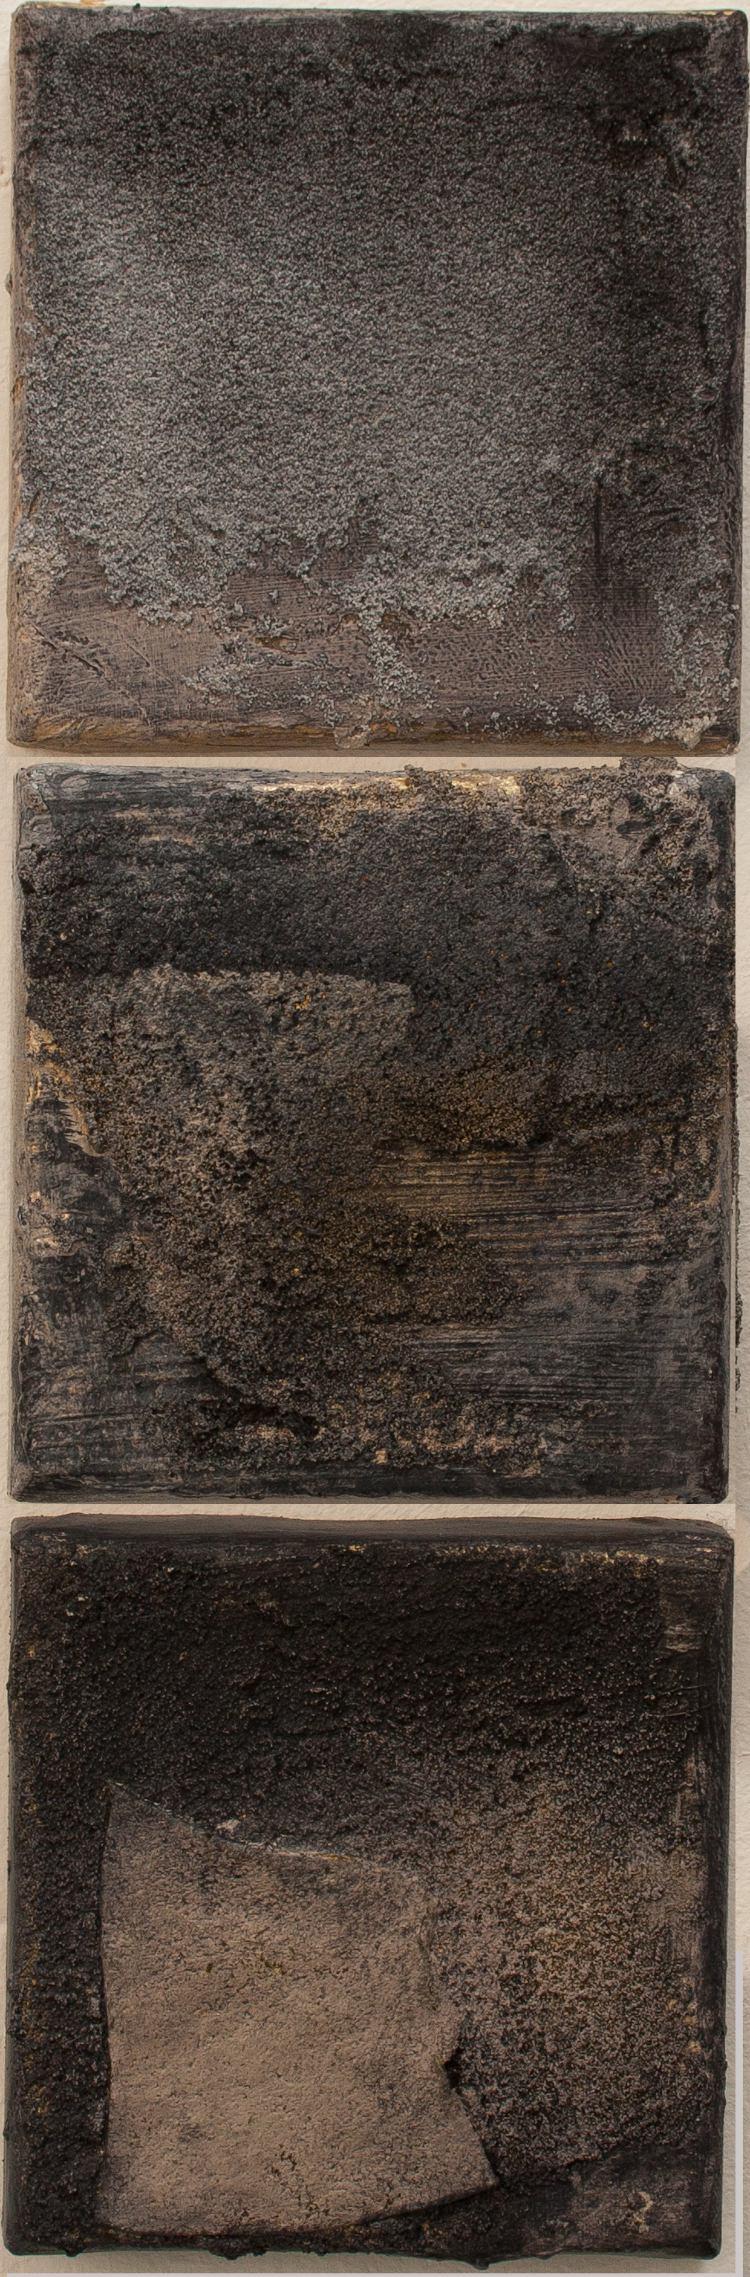 Argelès dans la Nuit triptych, mixed media on linen, (6 x 6 inches each)